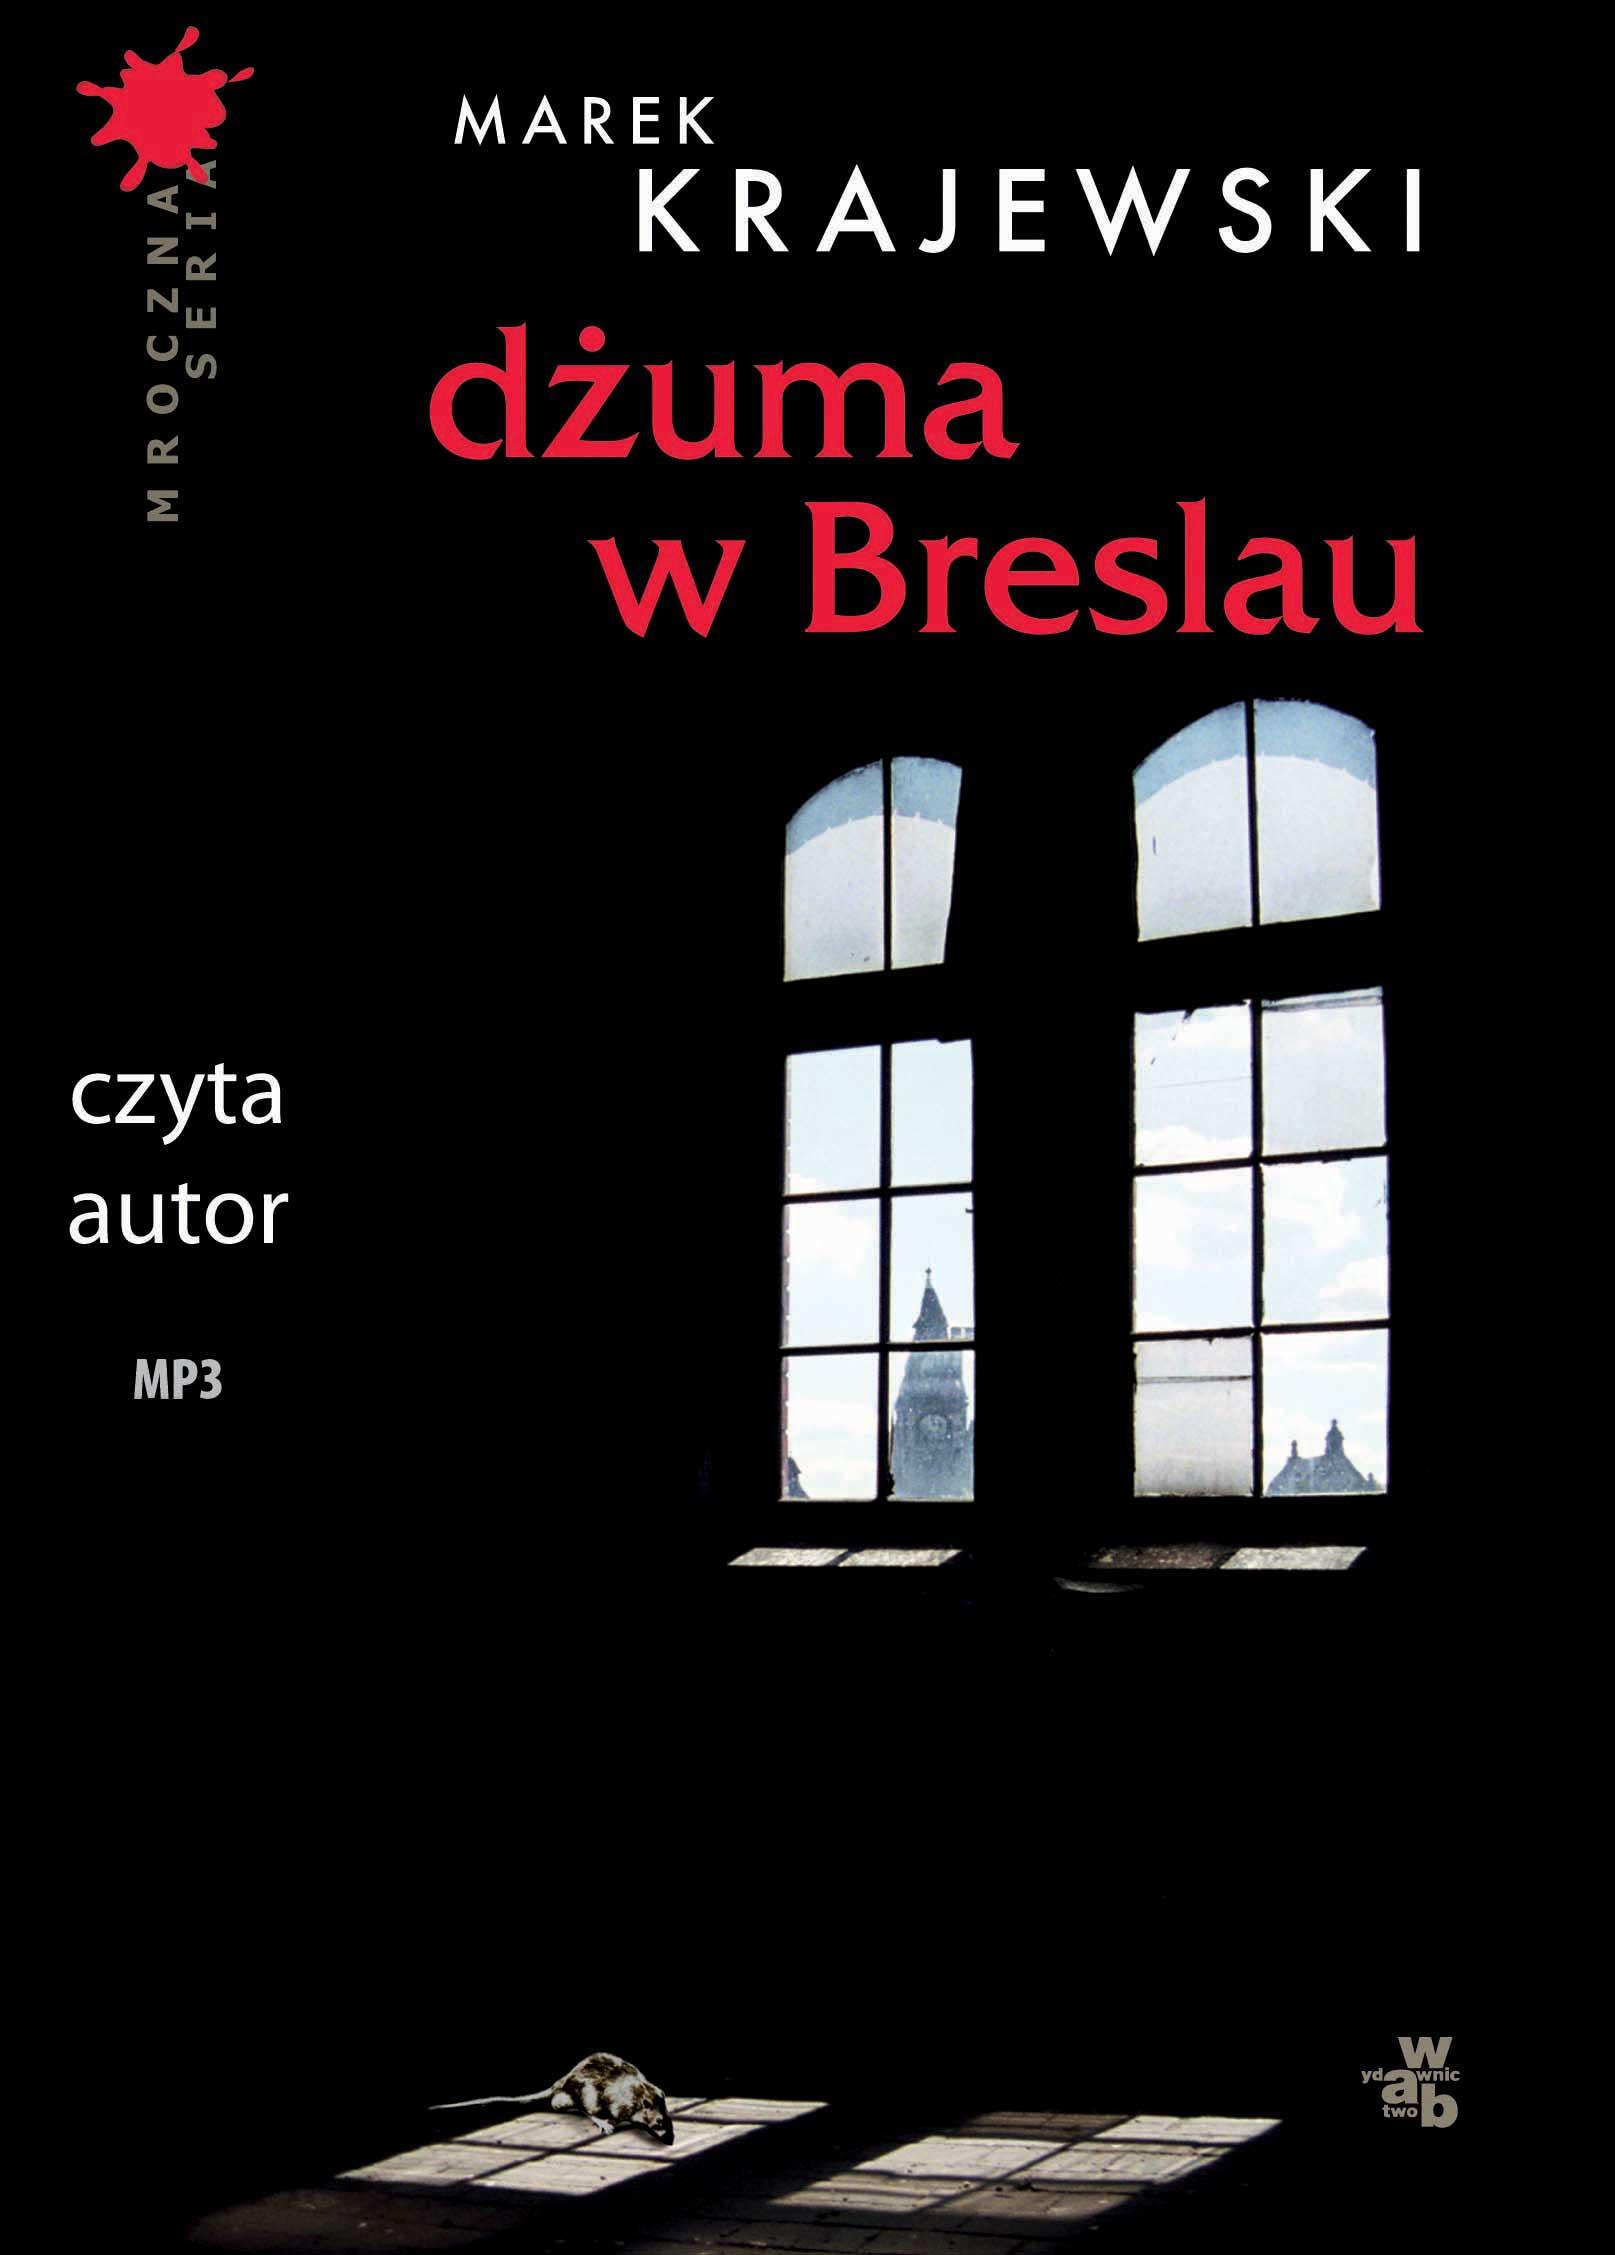 :: Dżuma w Breslau - audiobook - pobierz książkę audio::